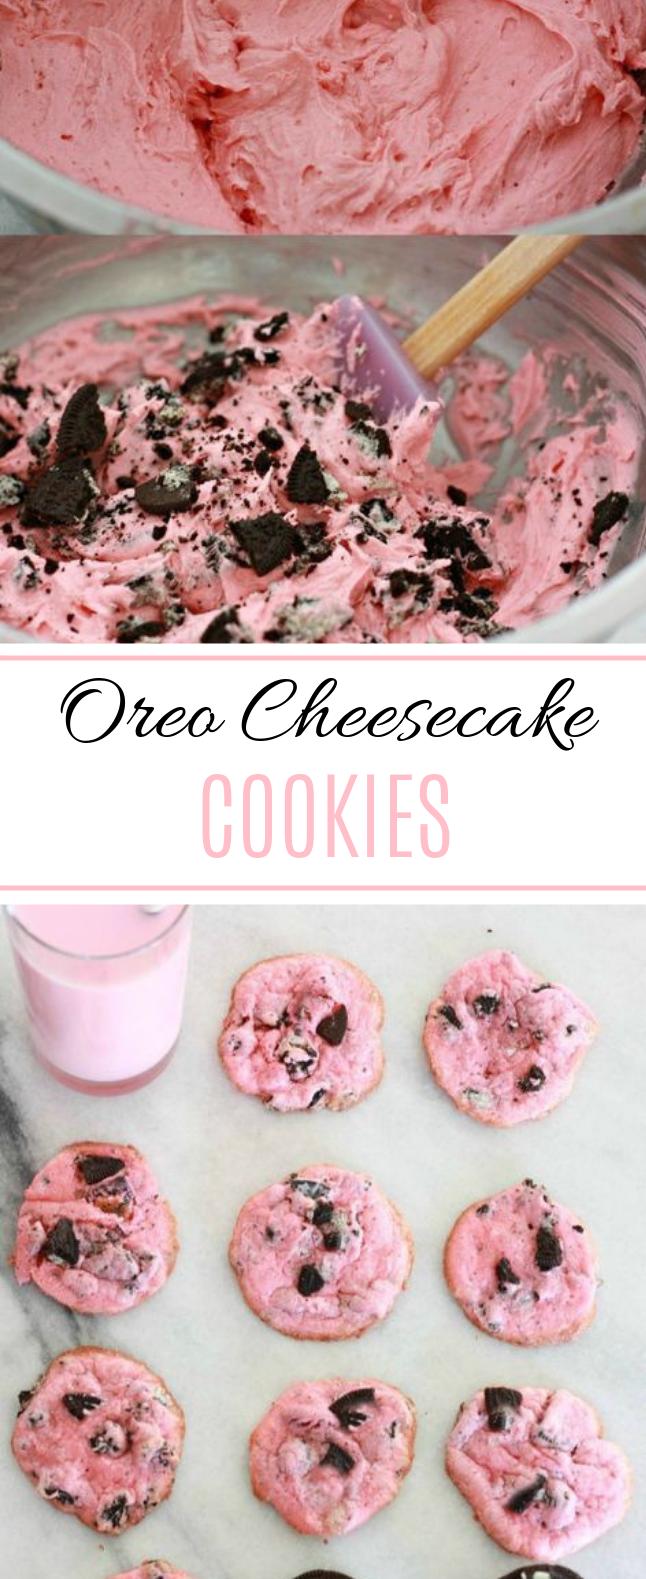 Oreo Cheesecake Cookies #pink #cookies